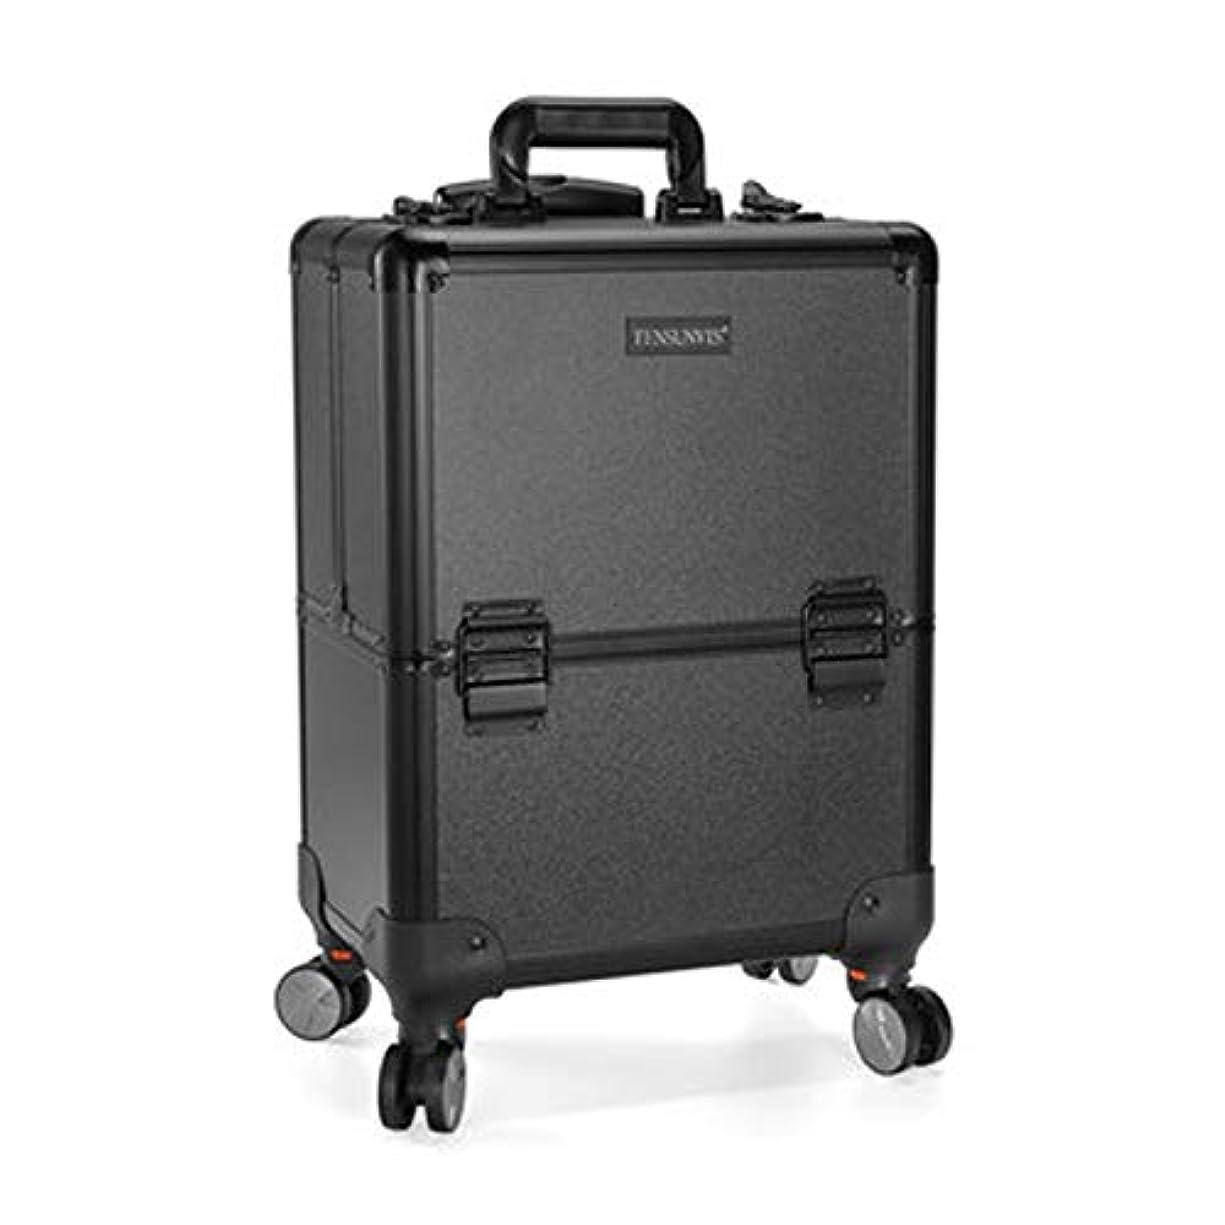 出力盲信四プロ専用 美容師 クローゼット スーツケース メイクボックス キャリーバッグ ヘアメイク プロ 大容量 軽量 高品質 多機能 I-TT-317T-B